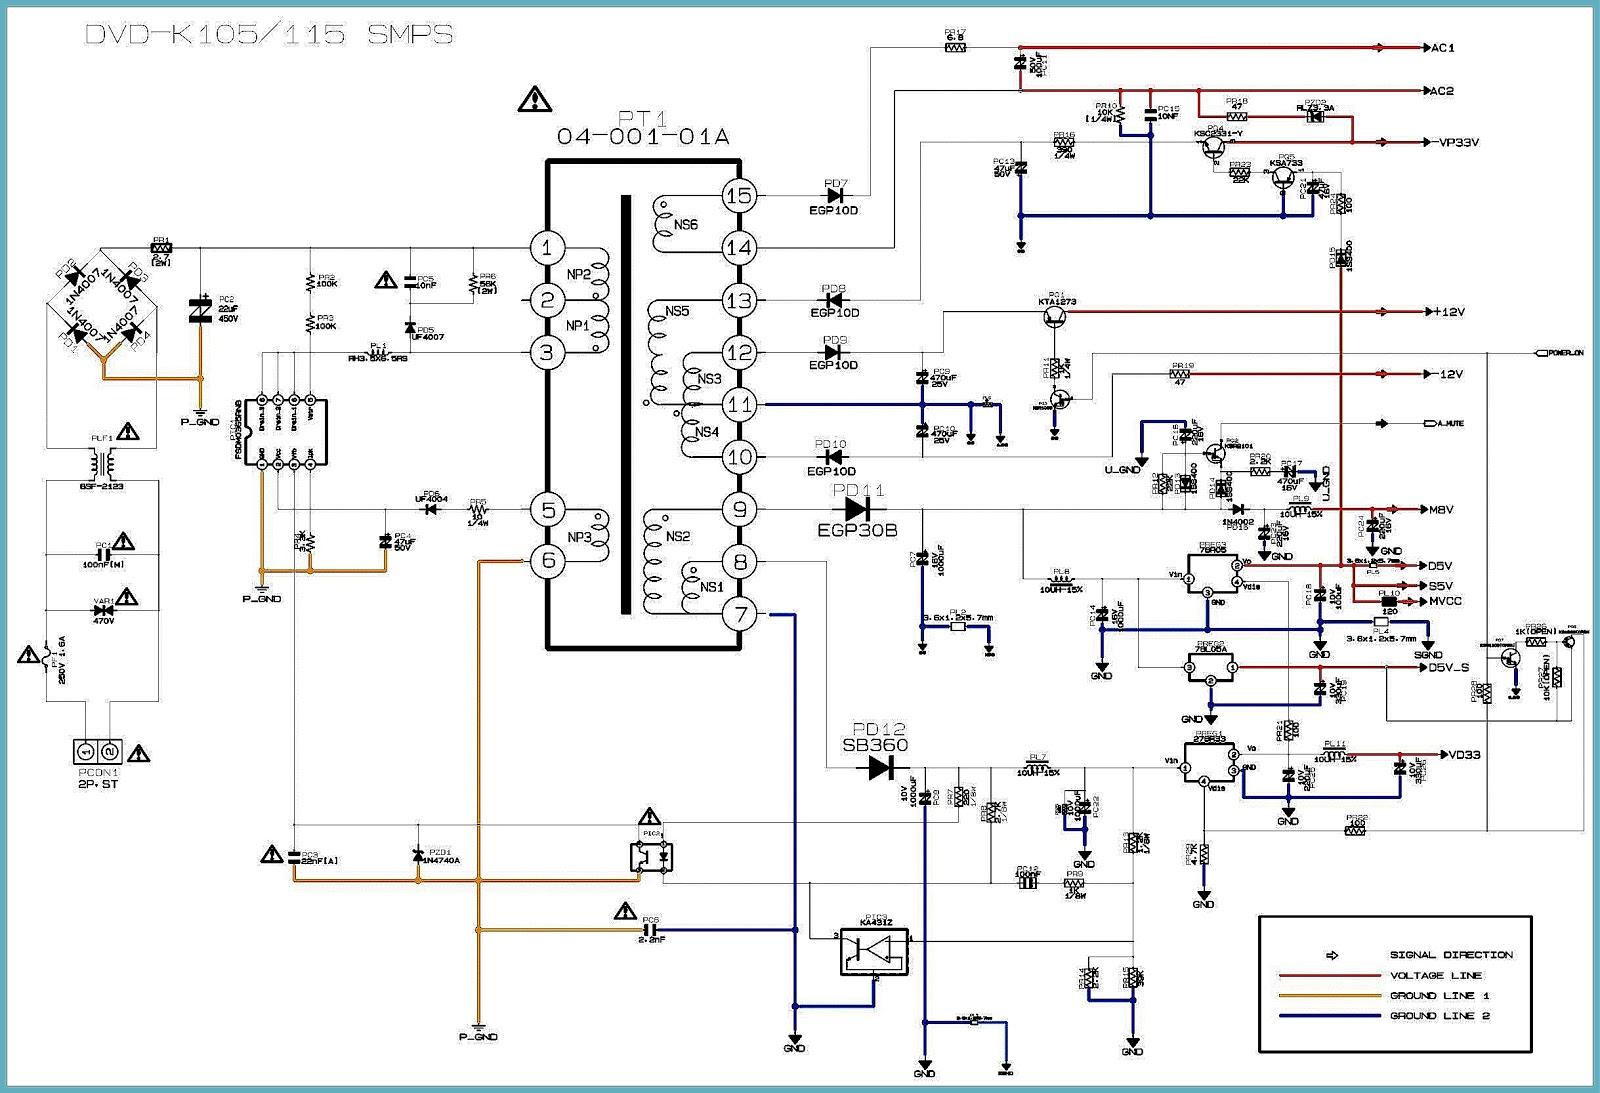 medium resolution of dvd wiring diagram wiring diagram page dvd player wiring block dvd circuit diagrams